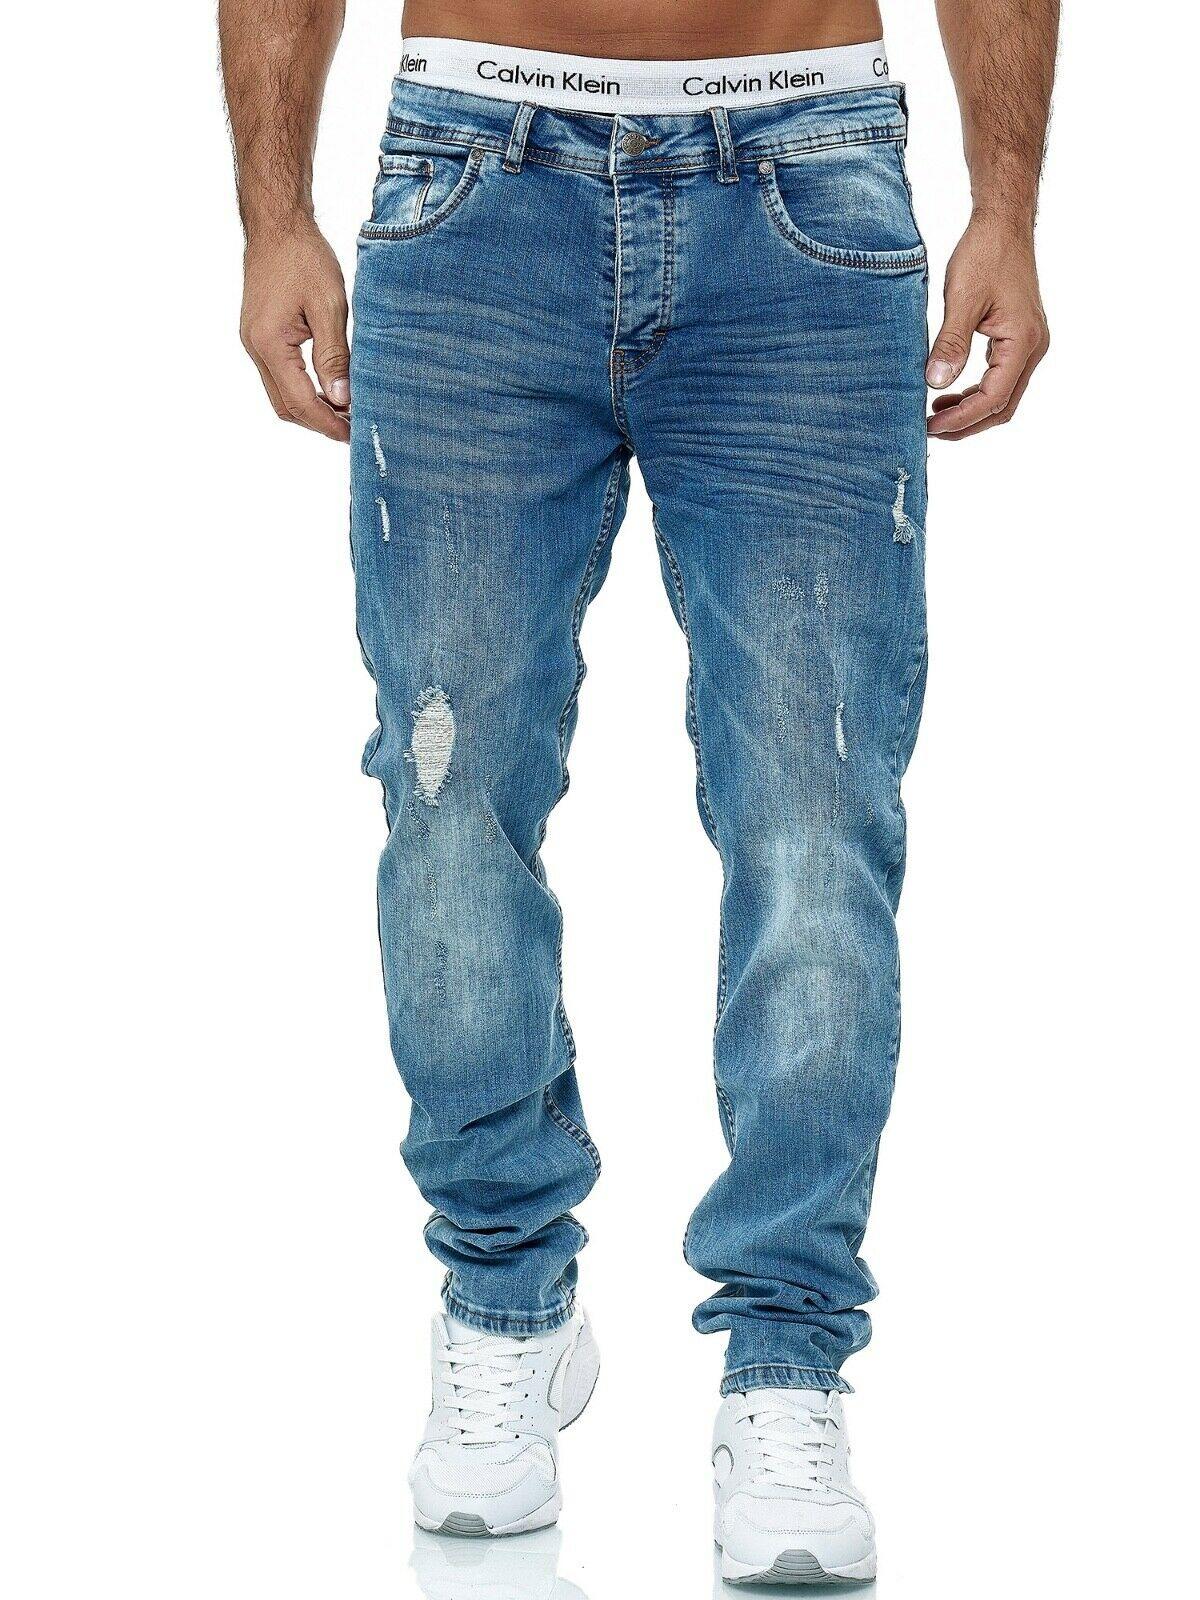 Herren-Jeanshosen-Stretch-Hose-Slim-fit-SKINNY-Jeans-Blau-Schwarz-Grau-Weiss Indexbild 77